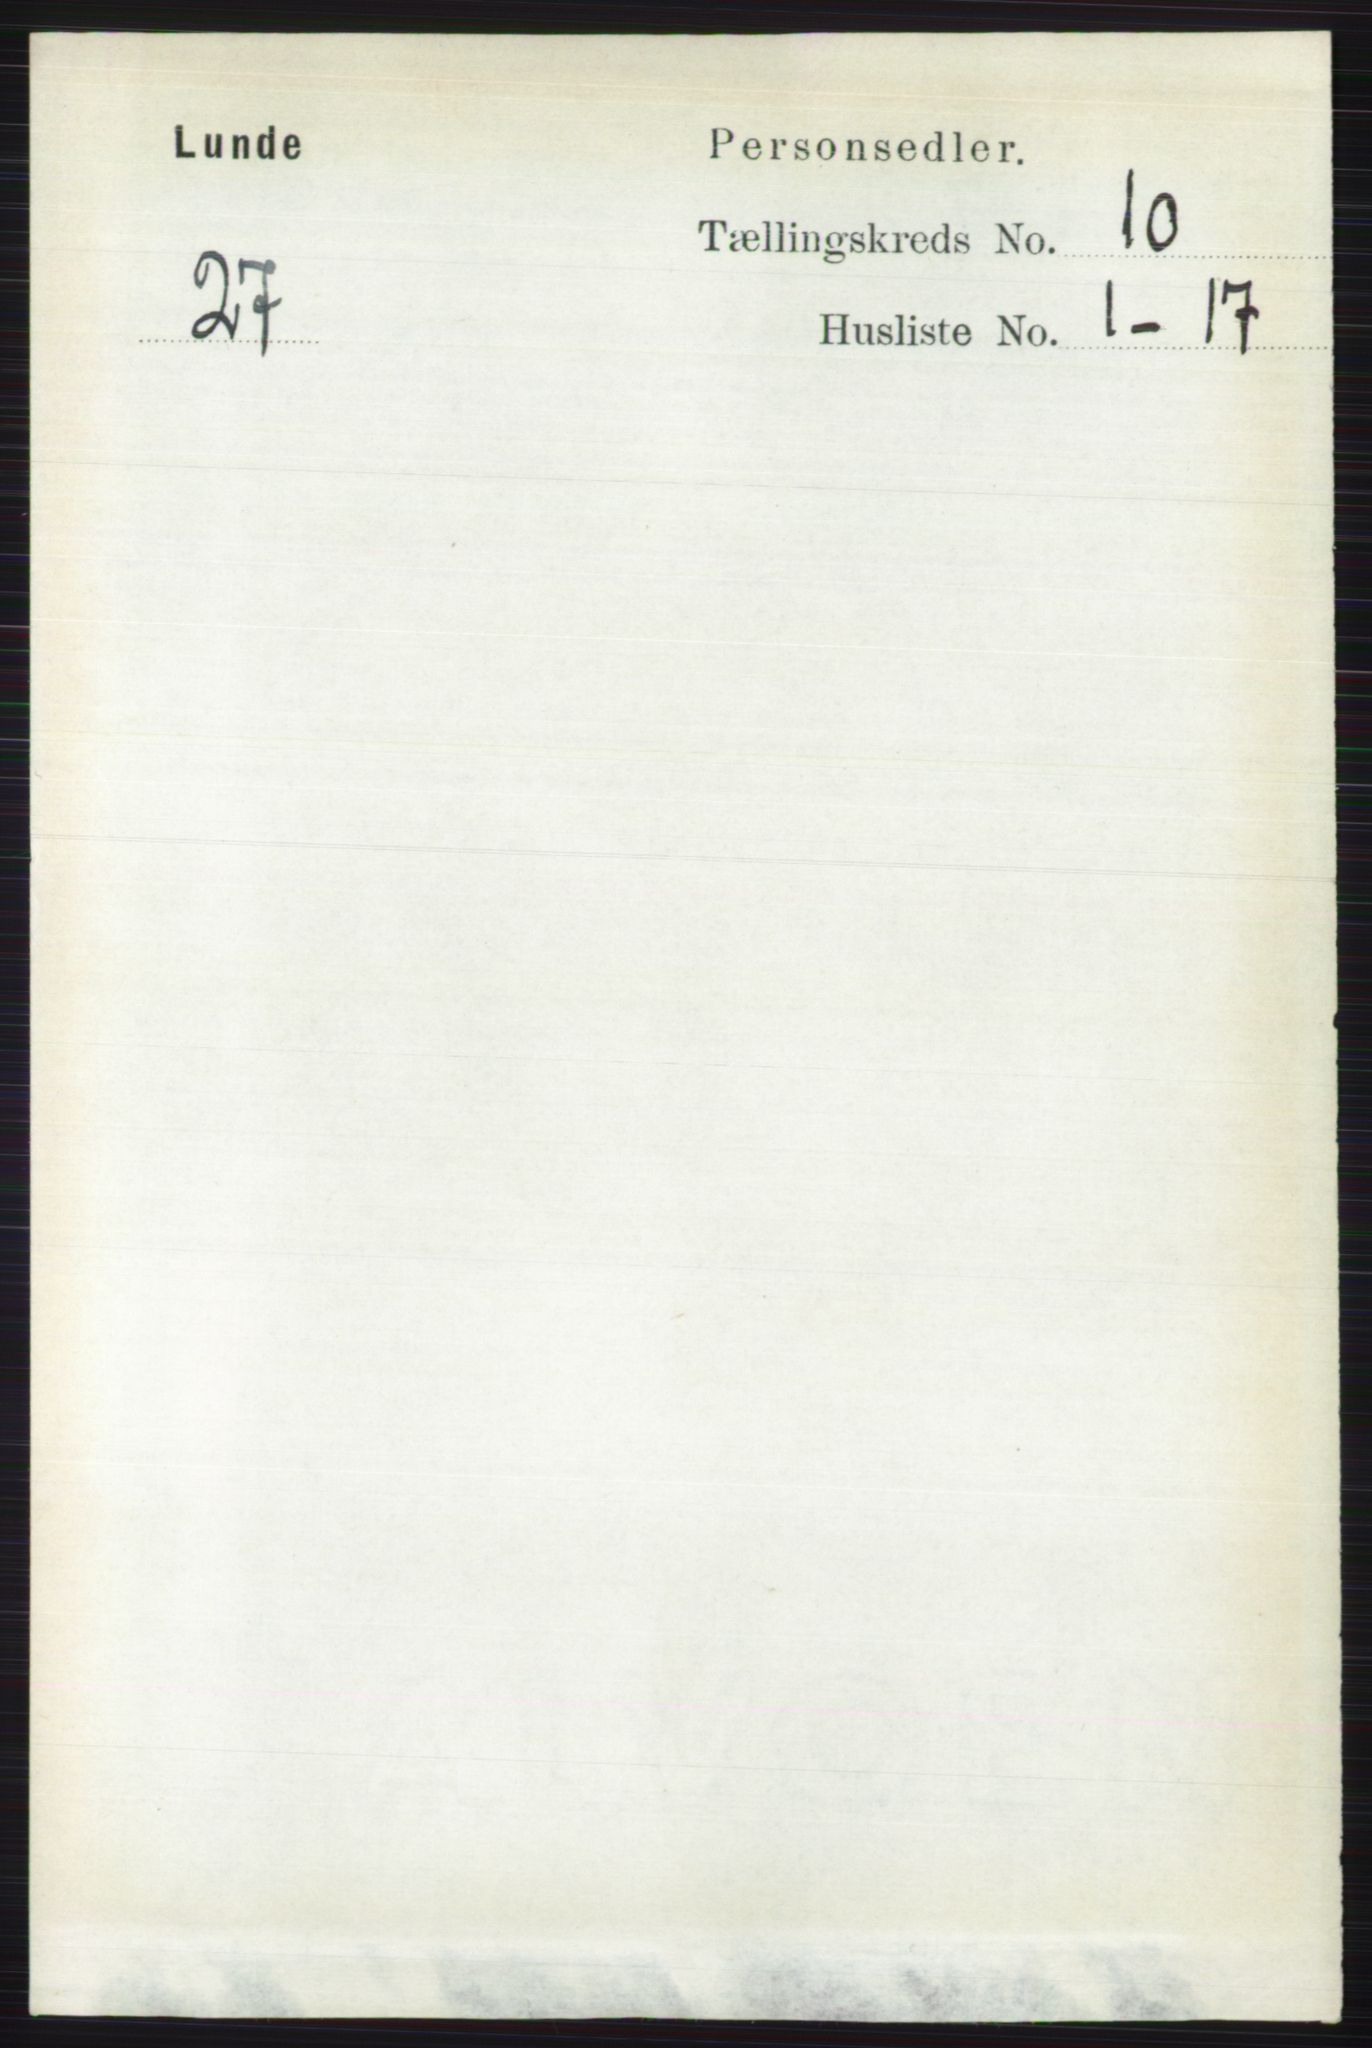 RA, Folketelling 1891 for 0820 Lunde herred, 1891, s. 2881